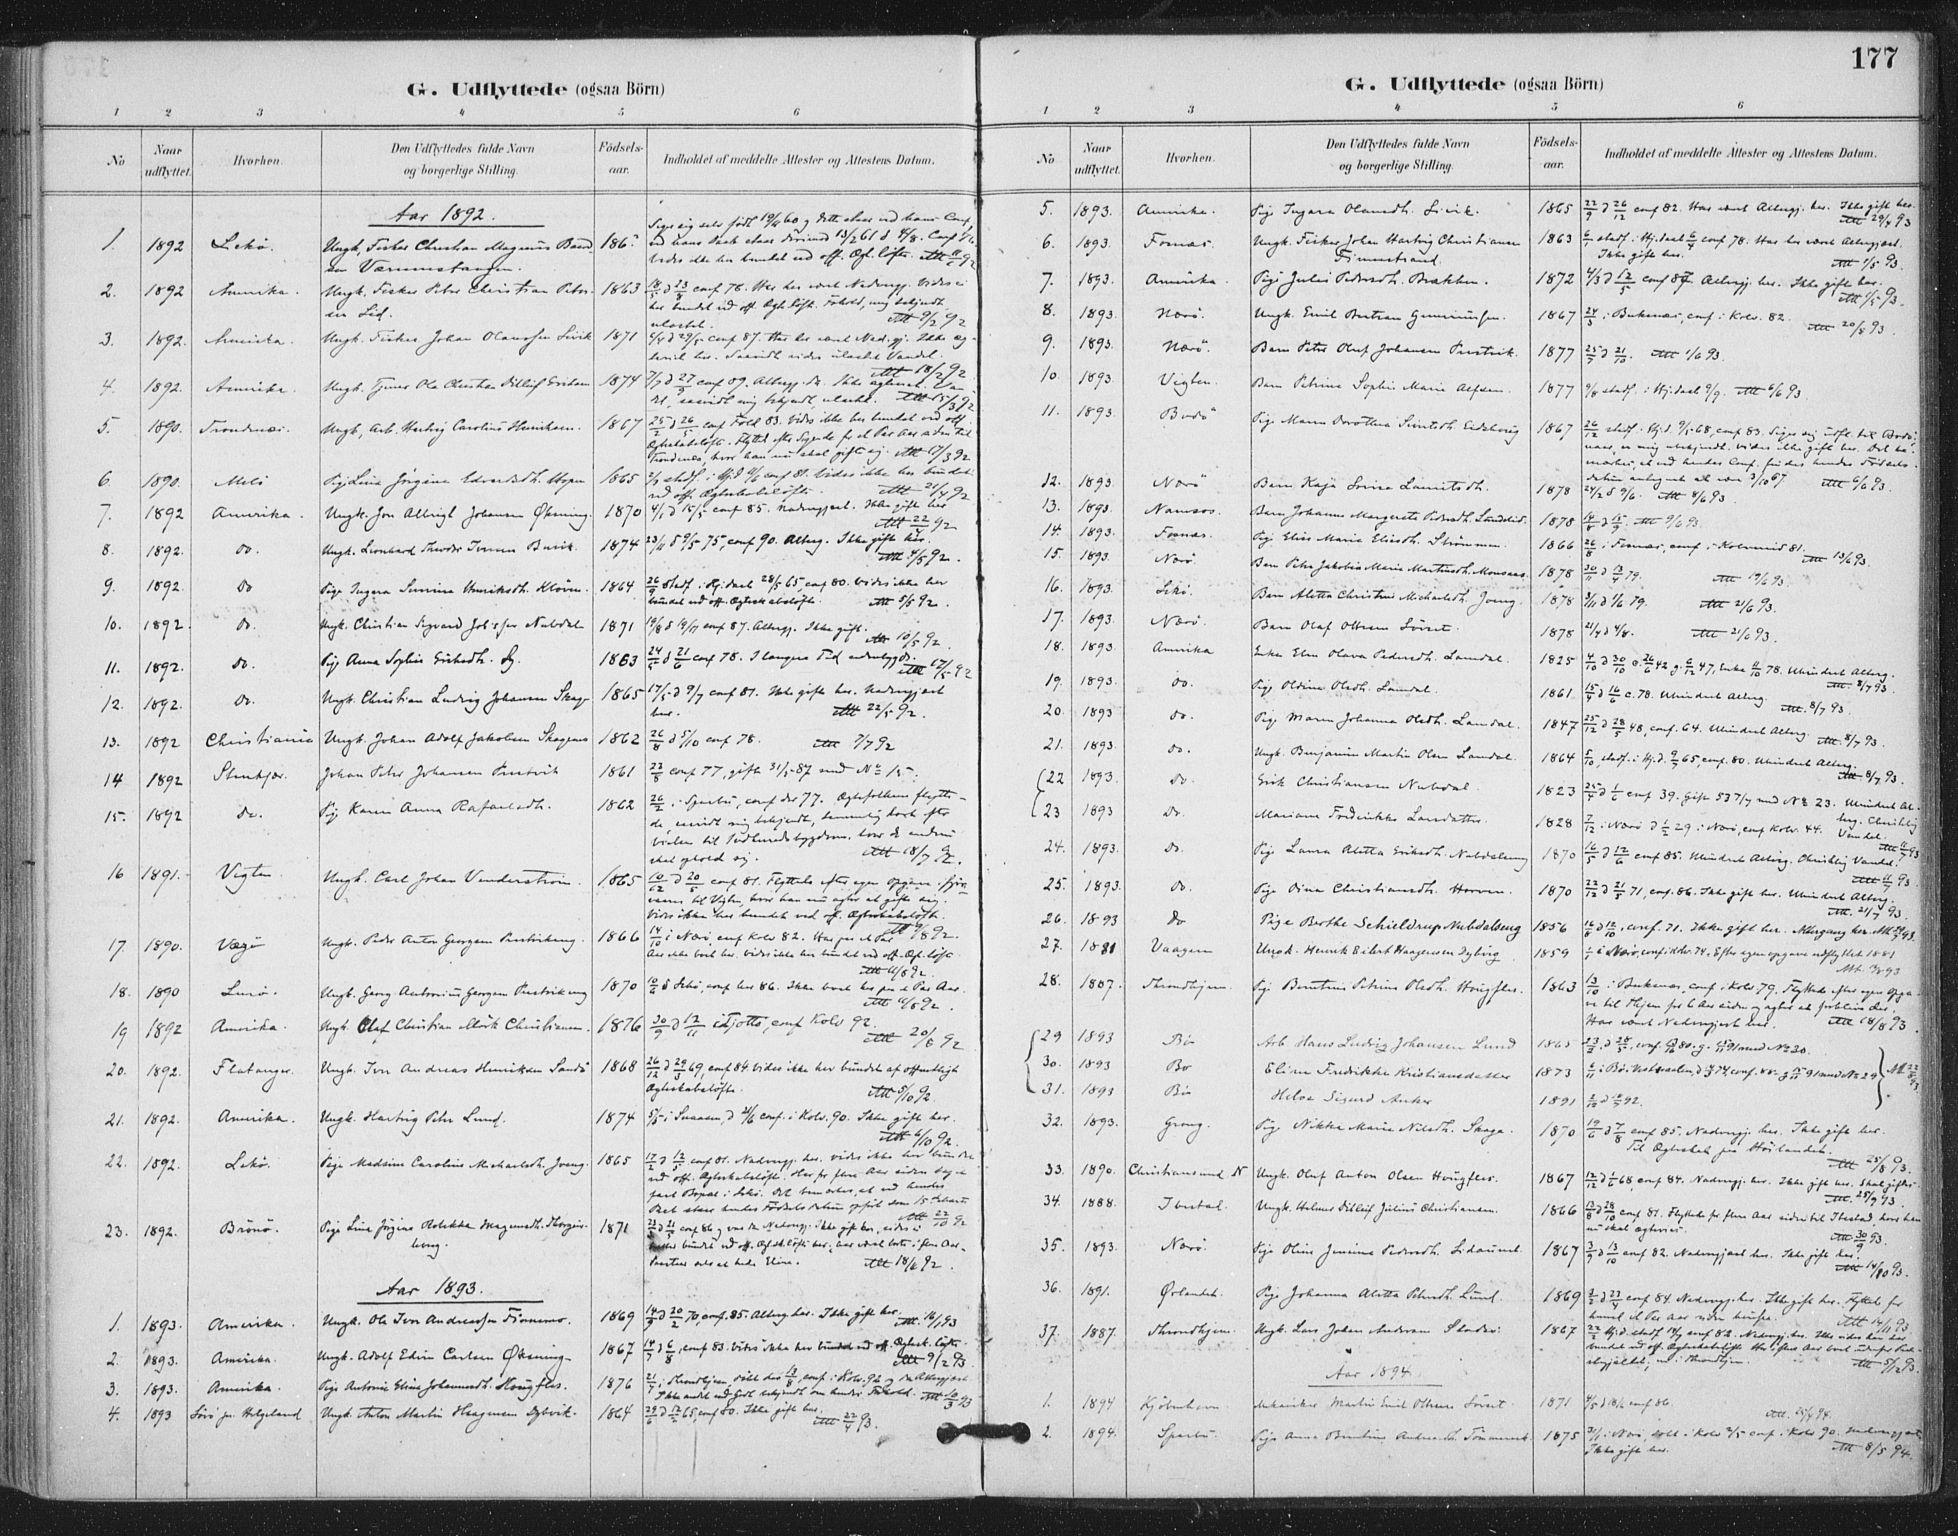 SAT, Ministerialprotokoller, klokkerbøker og fødselsregistre - Nord-Trøndelag, 780/L0644: Ministerialbok nr. 780A08, 1886-1903, s. 177